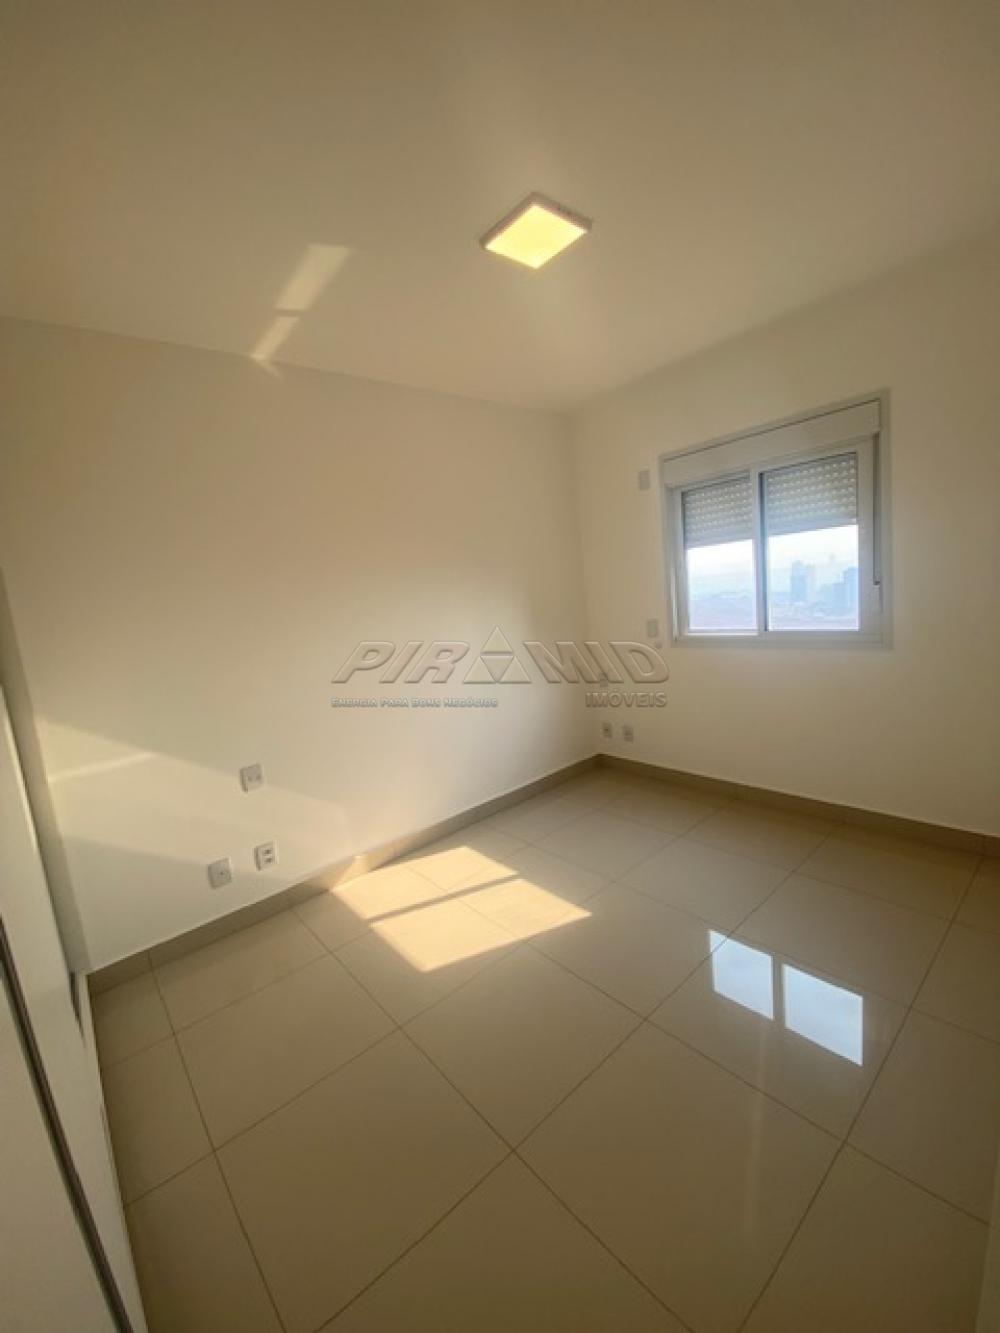 Alugar Apartamento / Padrão em Ribeirão Preto R$ 2.990,00 - Foto 16